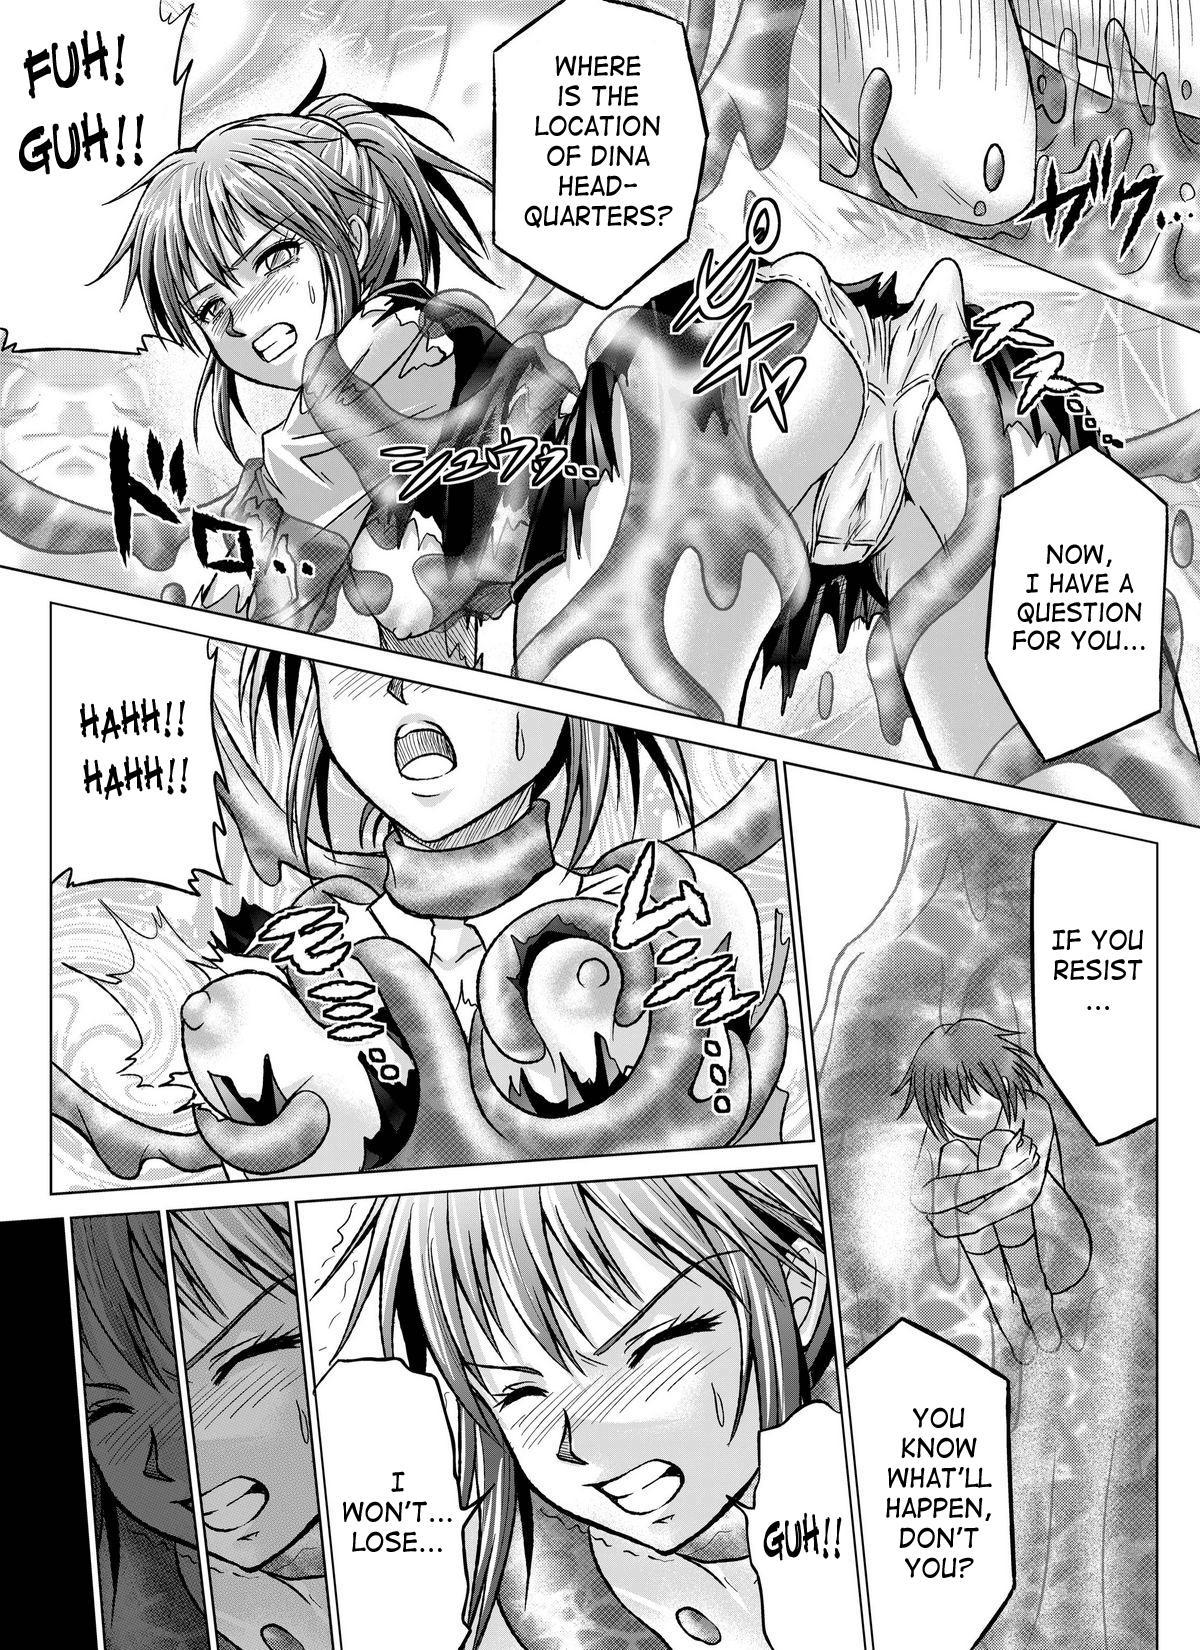 [Macxe's (monmon)] Tokubousentai Dinaranger ~Heroine Kairaku Sennou Keikaku~ Vol. 07/08/Gaiden01 [English] [SaHa] 66